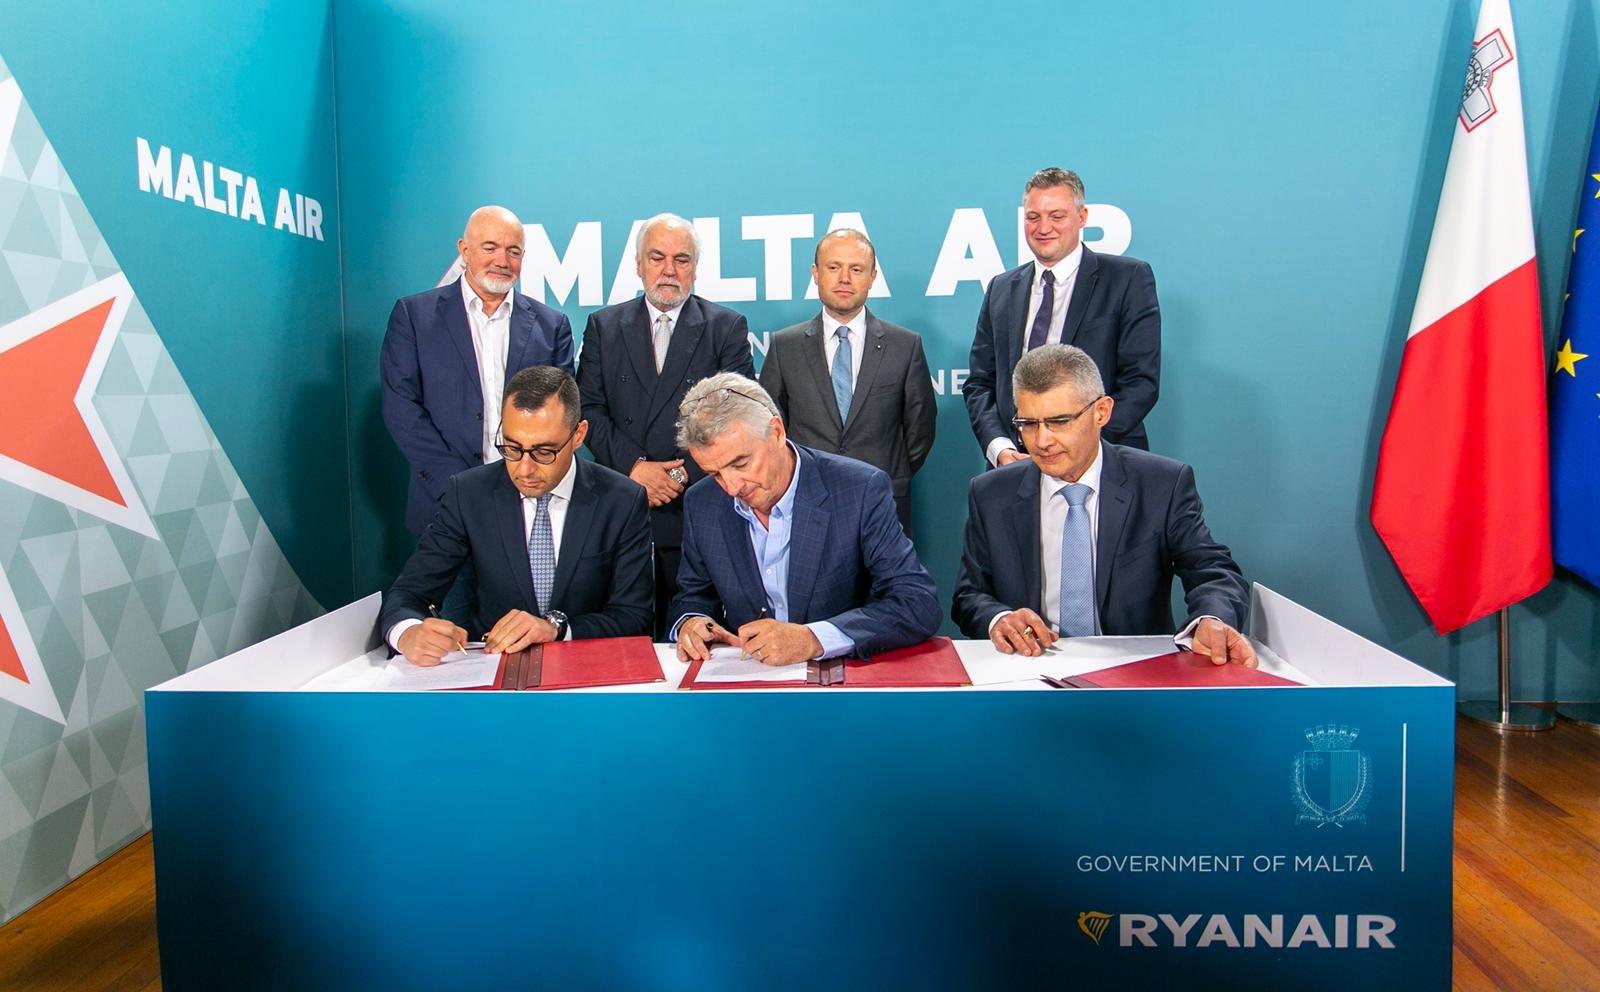 Aftalen om Malta Air underskrives (Foto: Ryanair/PR)